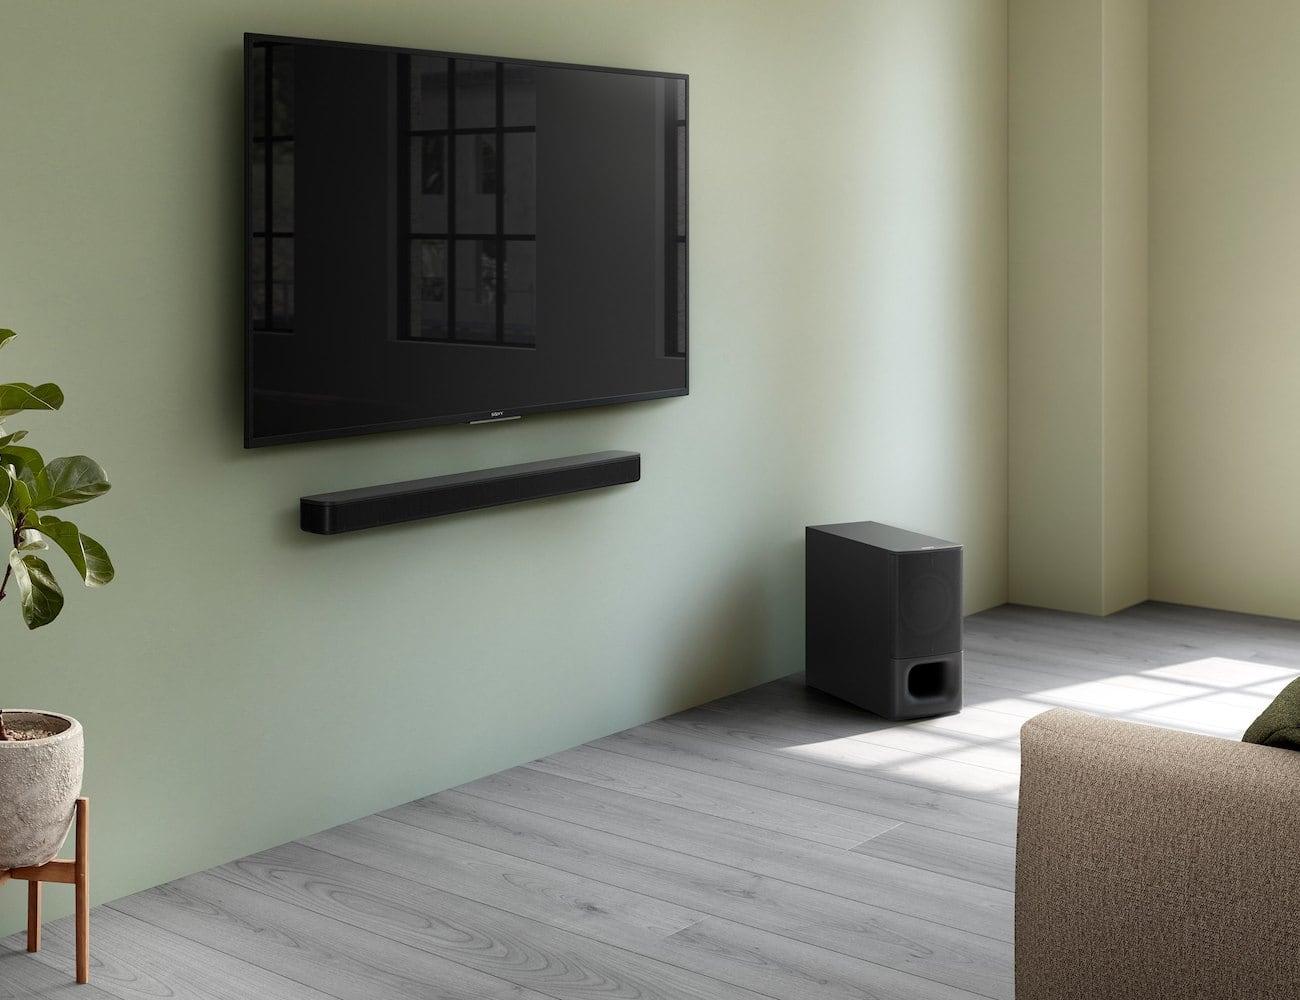 Sony 2.1ch Powerful Wireless Subwoofer Soundbar